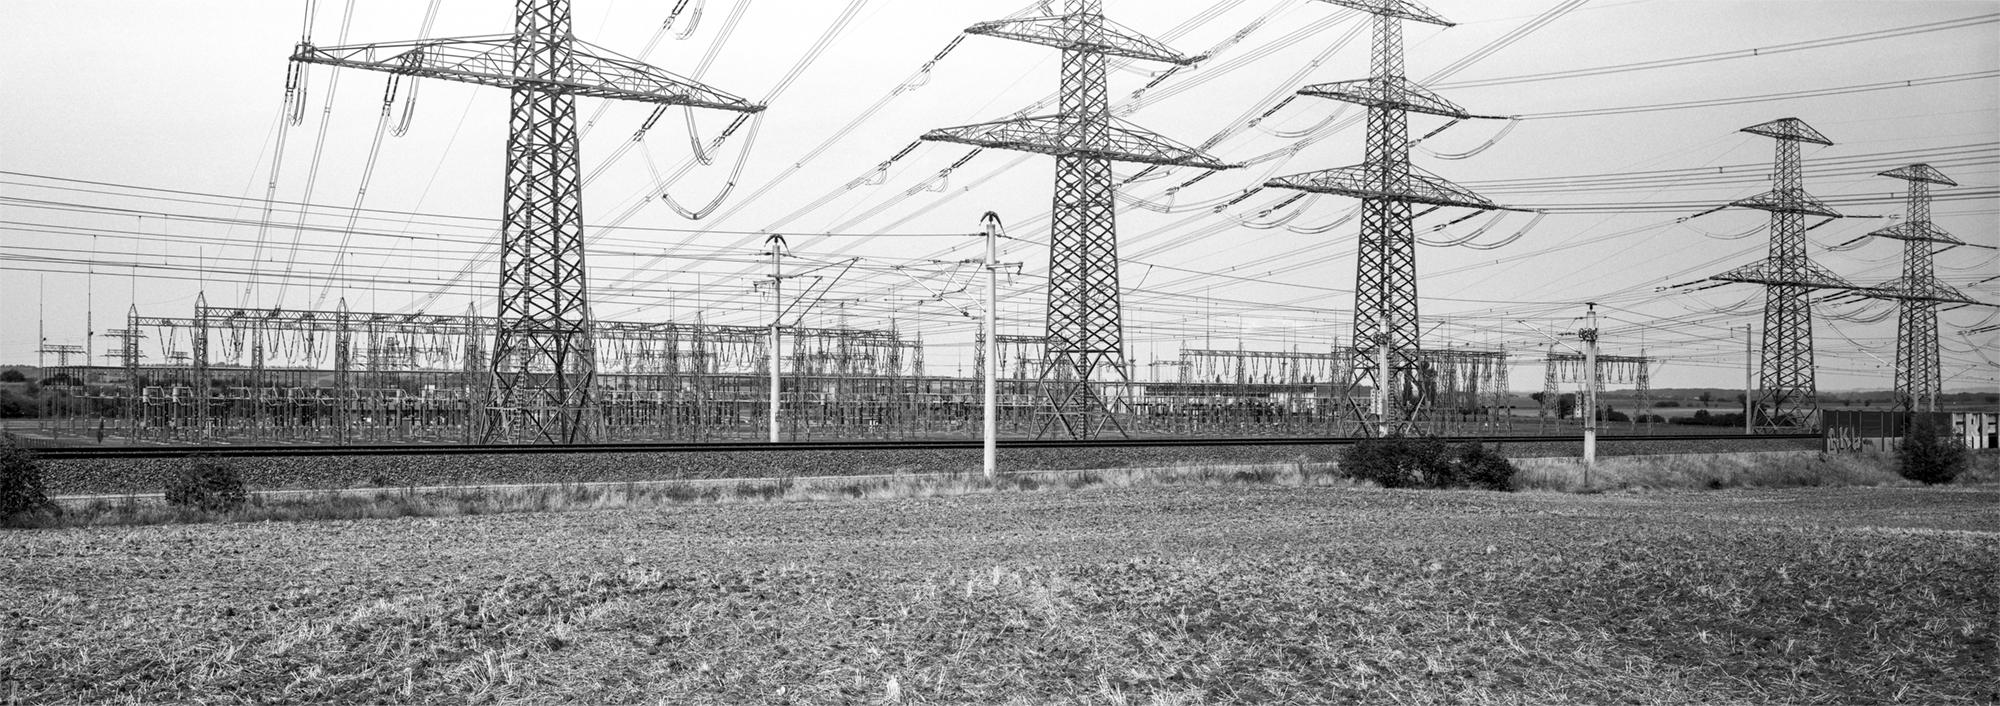 Landschaftspanorama 6x17 analog schwarzweiss Umspannwerk Vieselbach